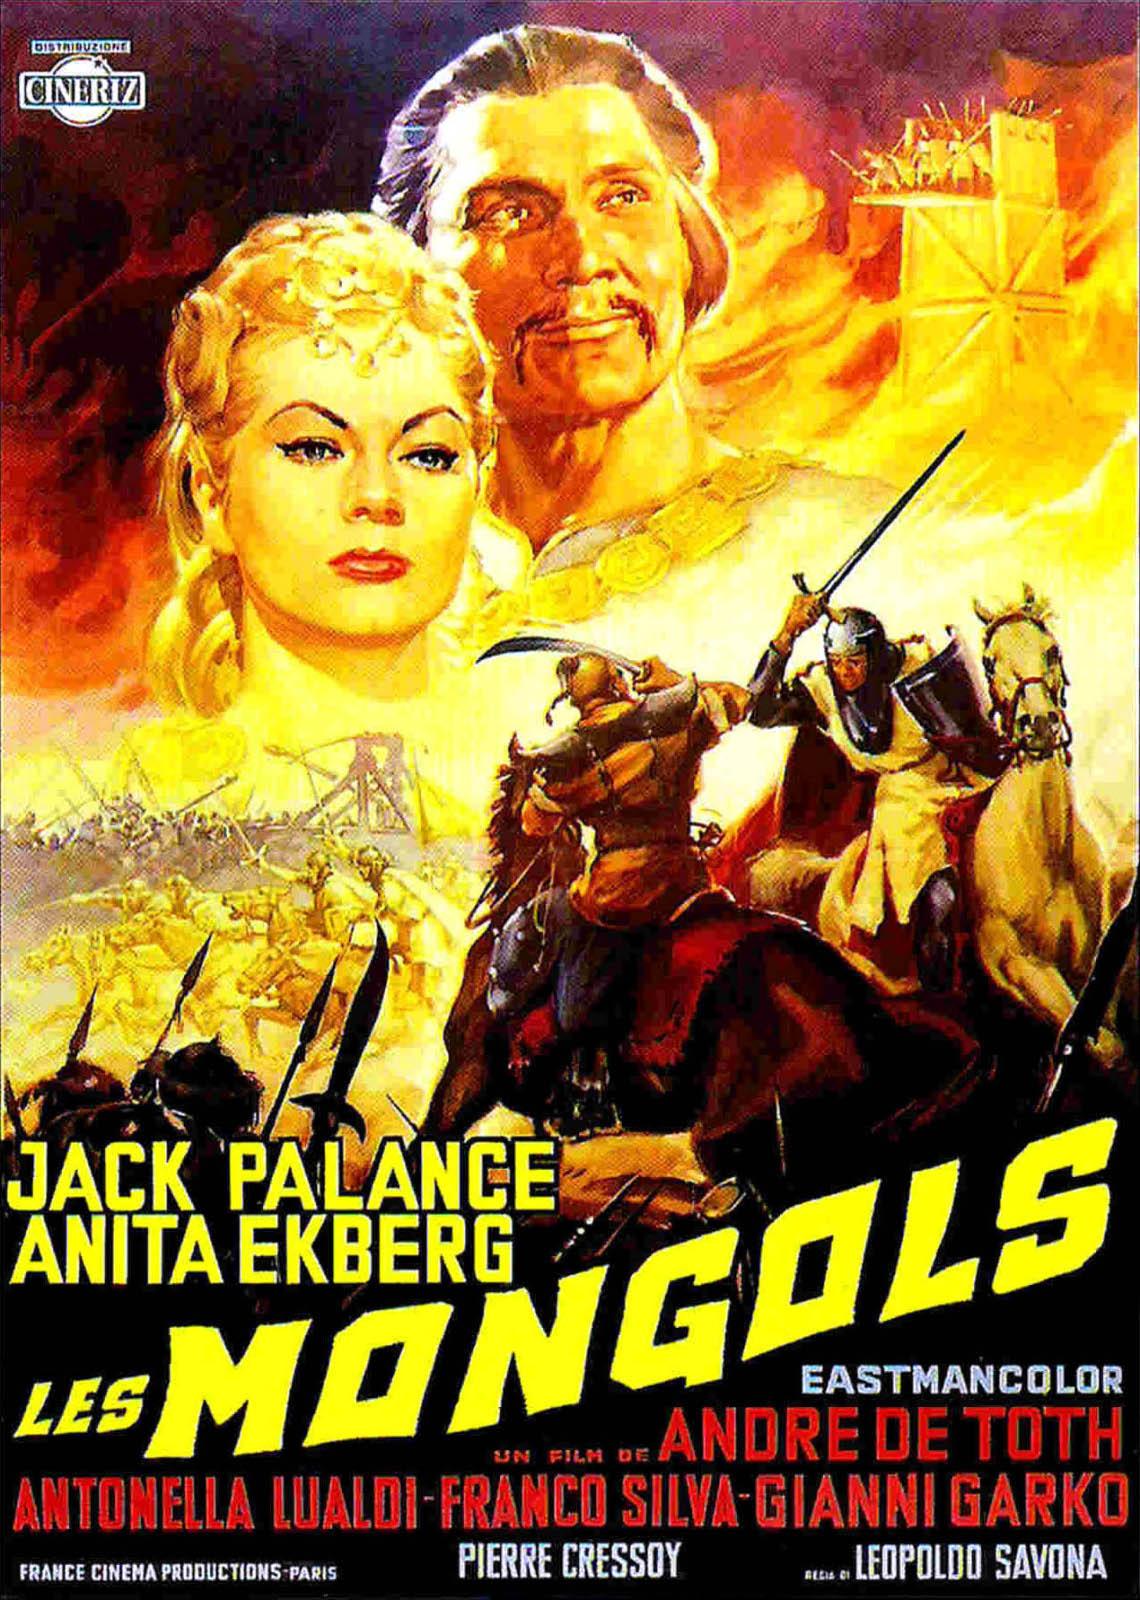 Jack Palance Filmes Delightful du film les mongols